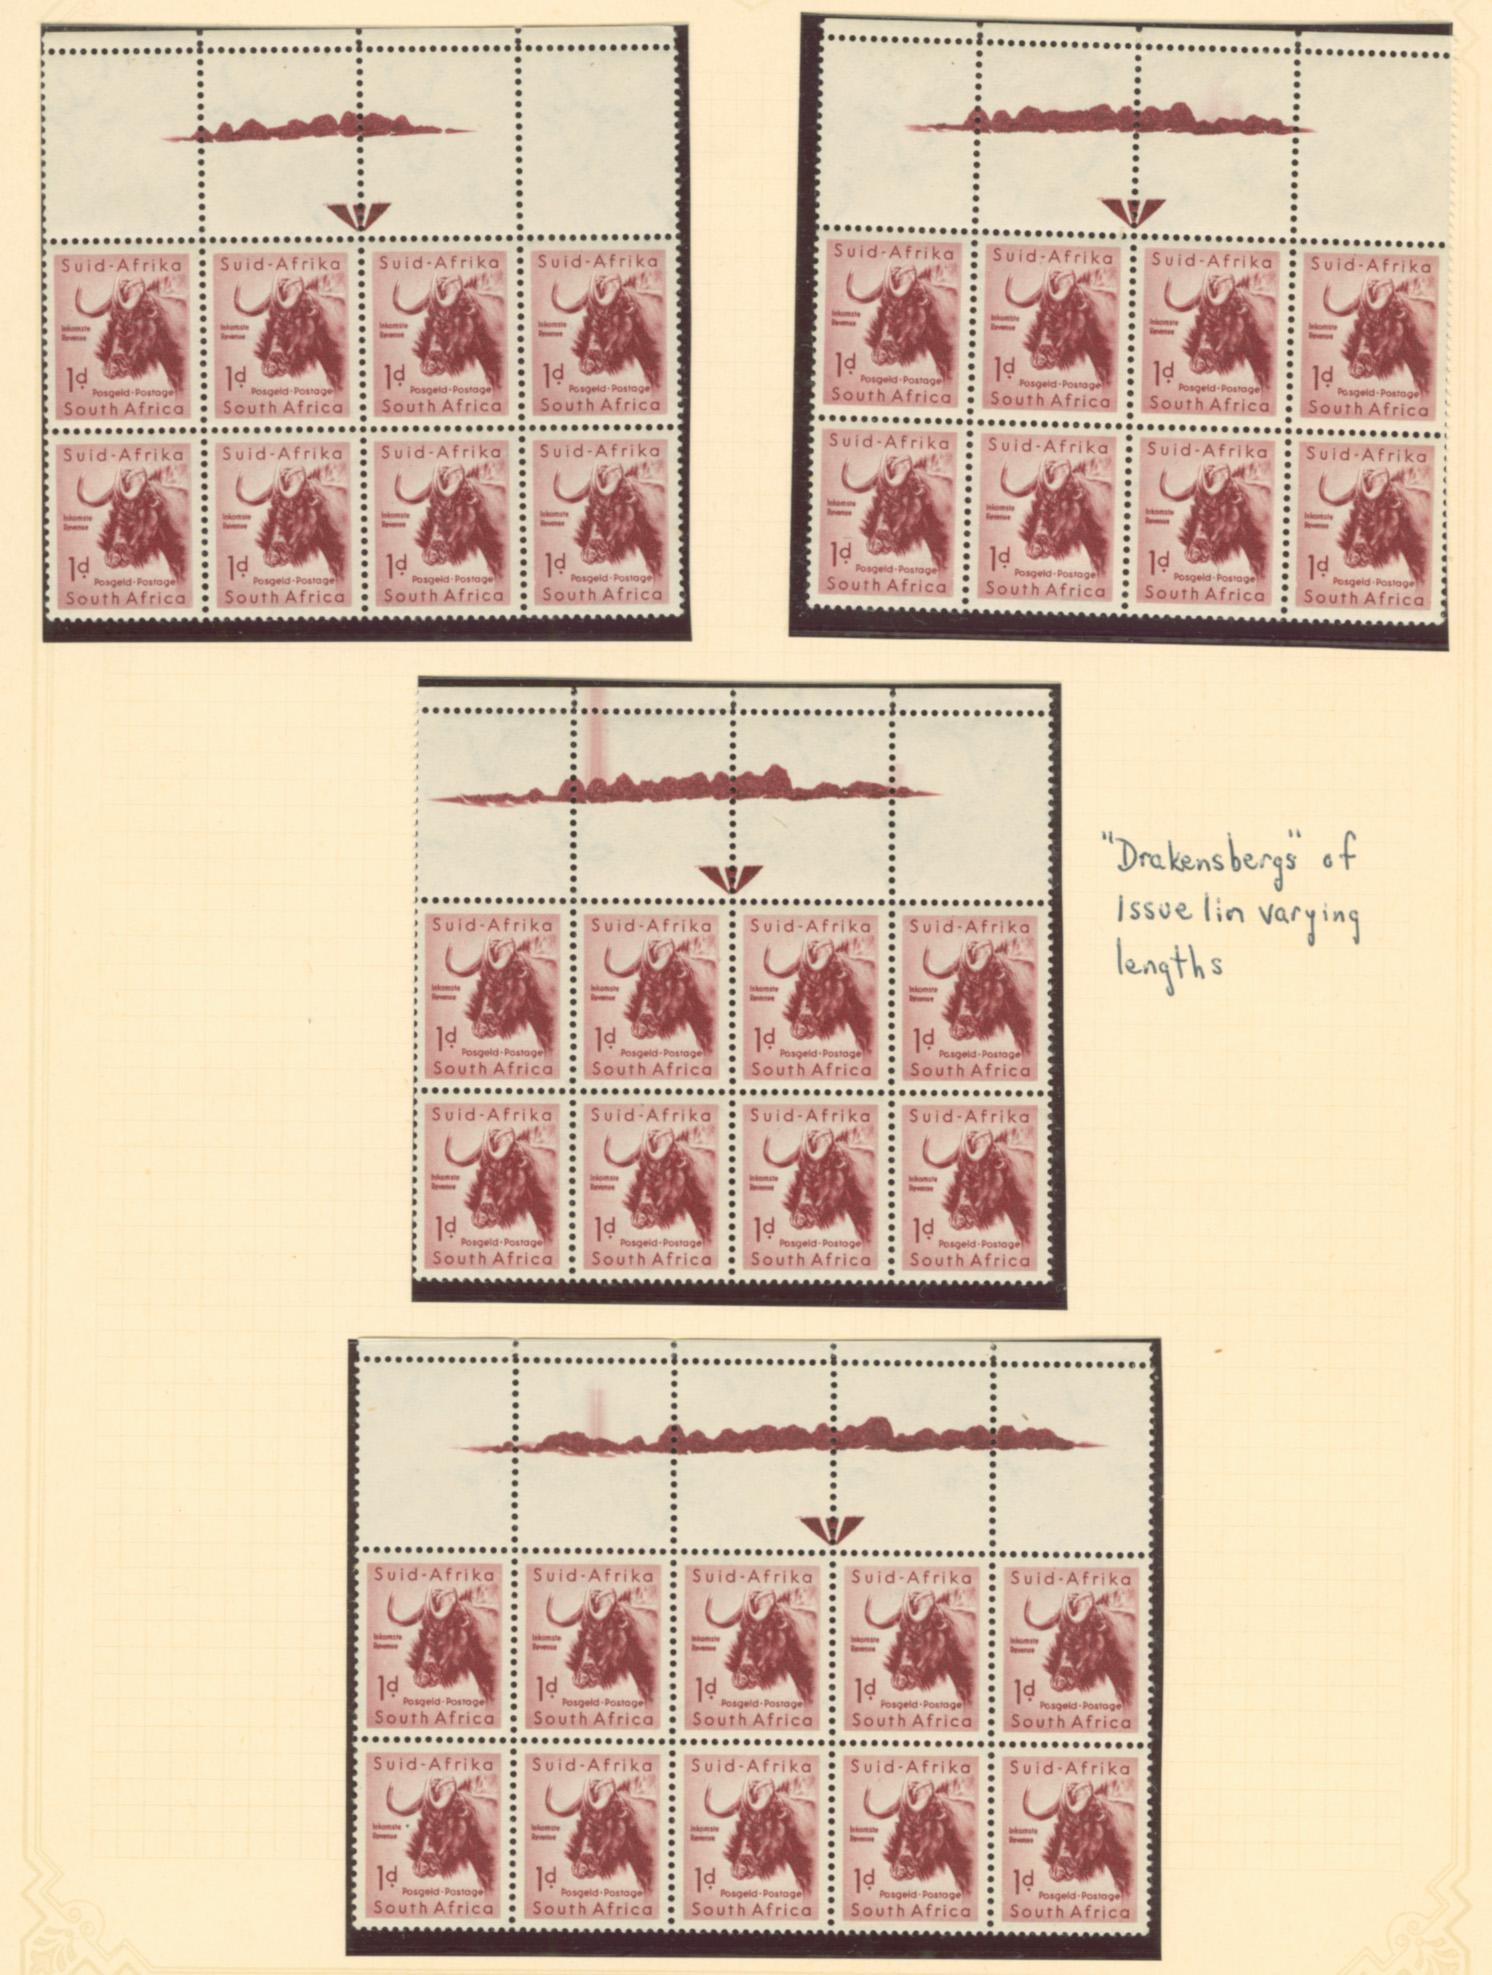 Union-Animals-1954-Drakensberg-2.jpg